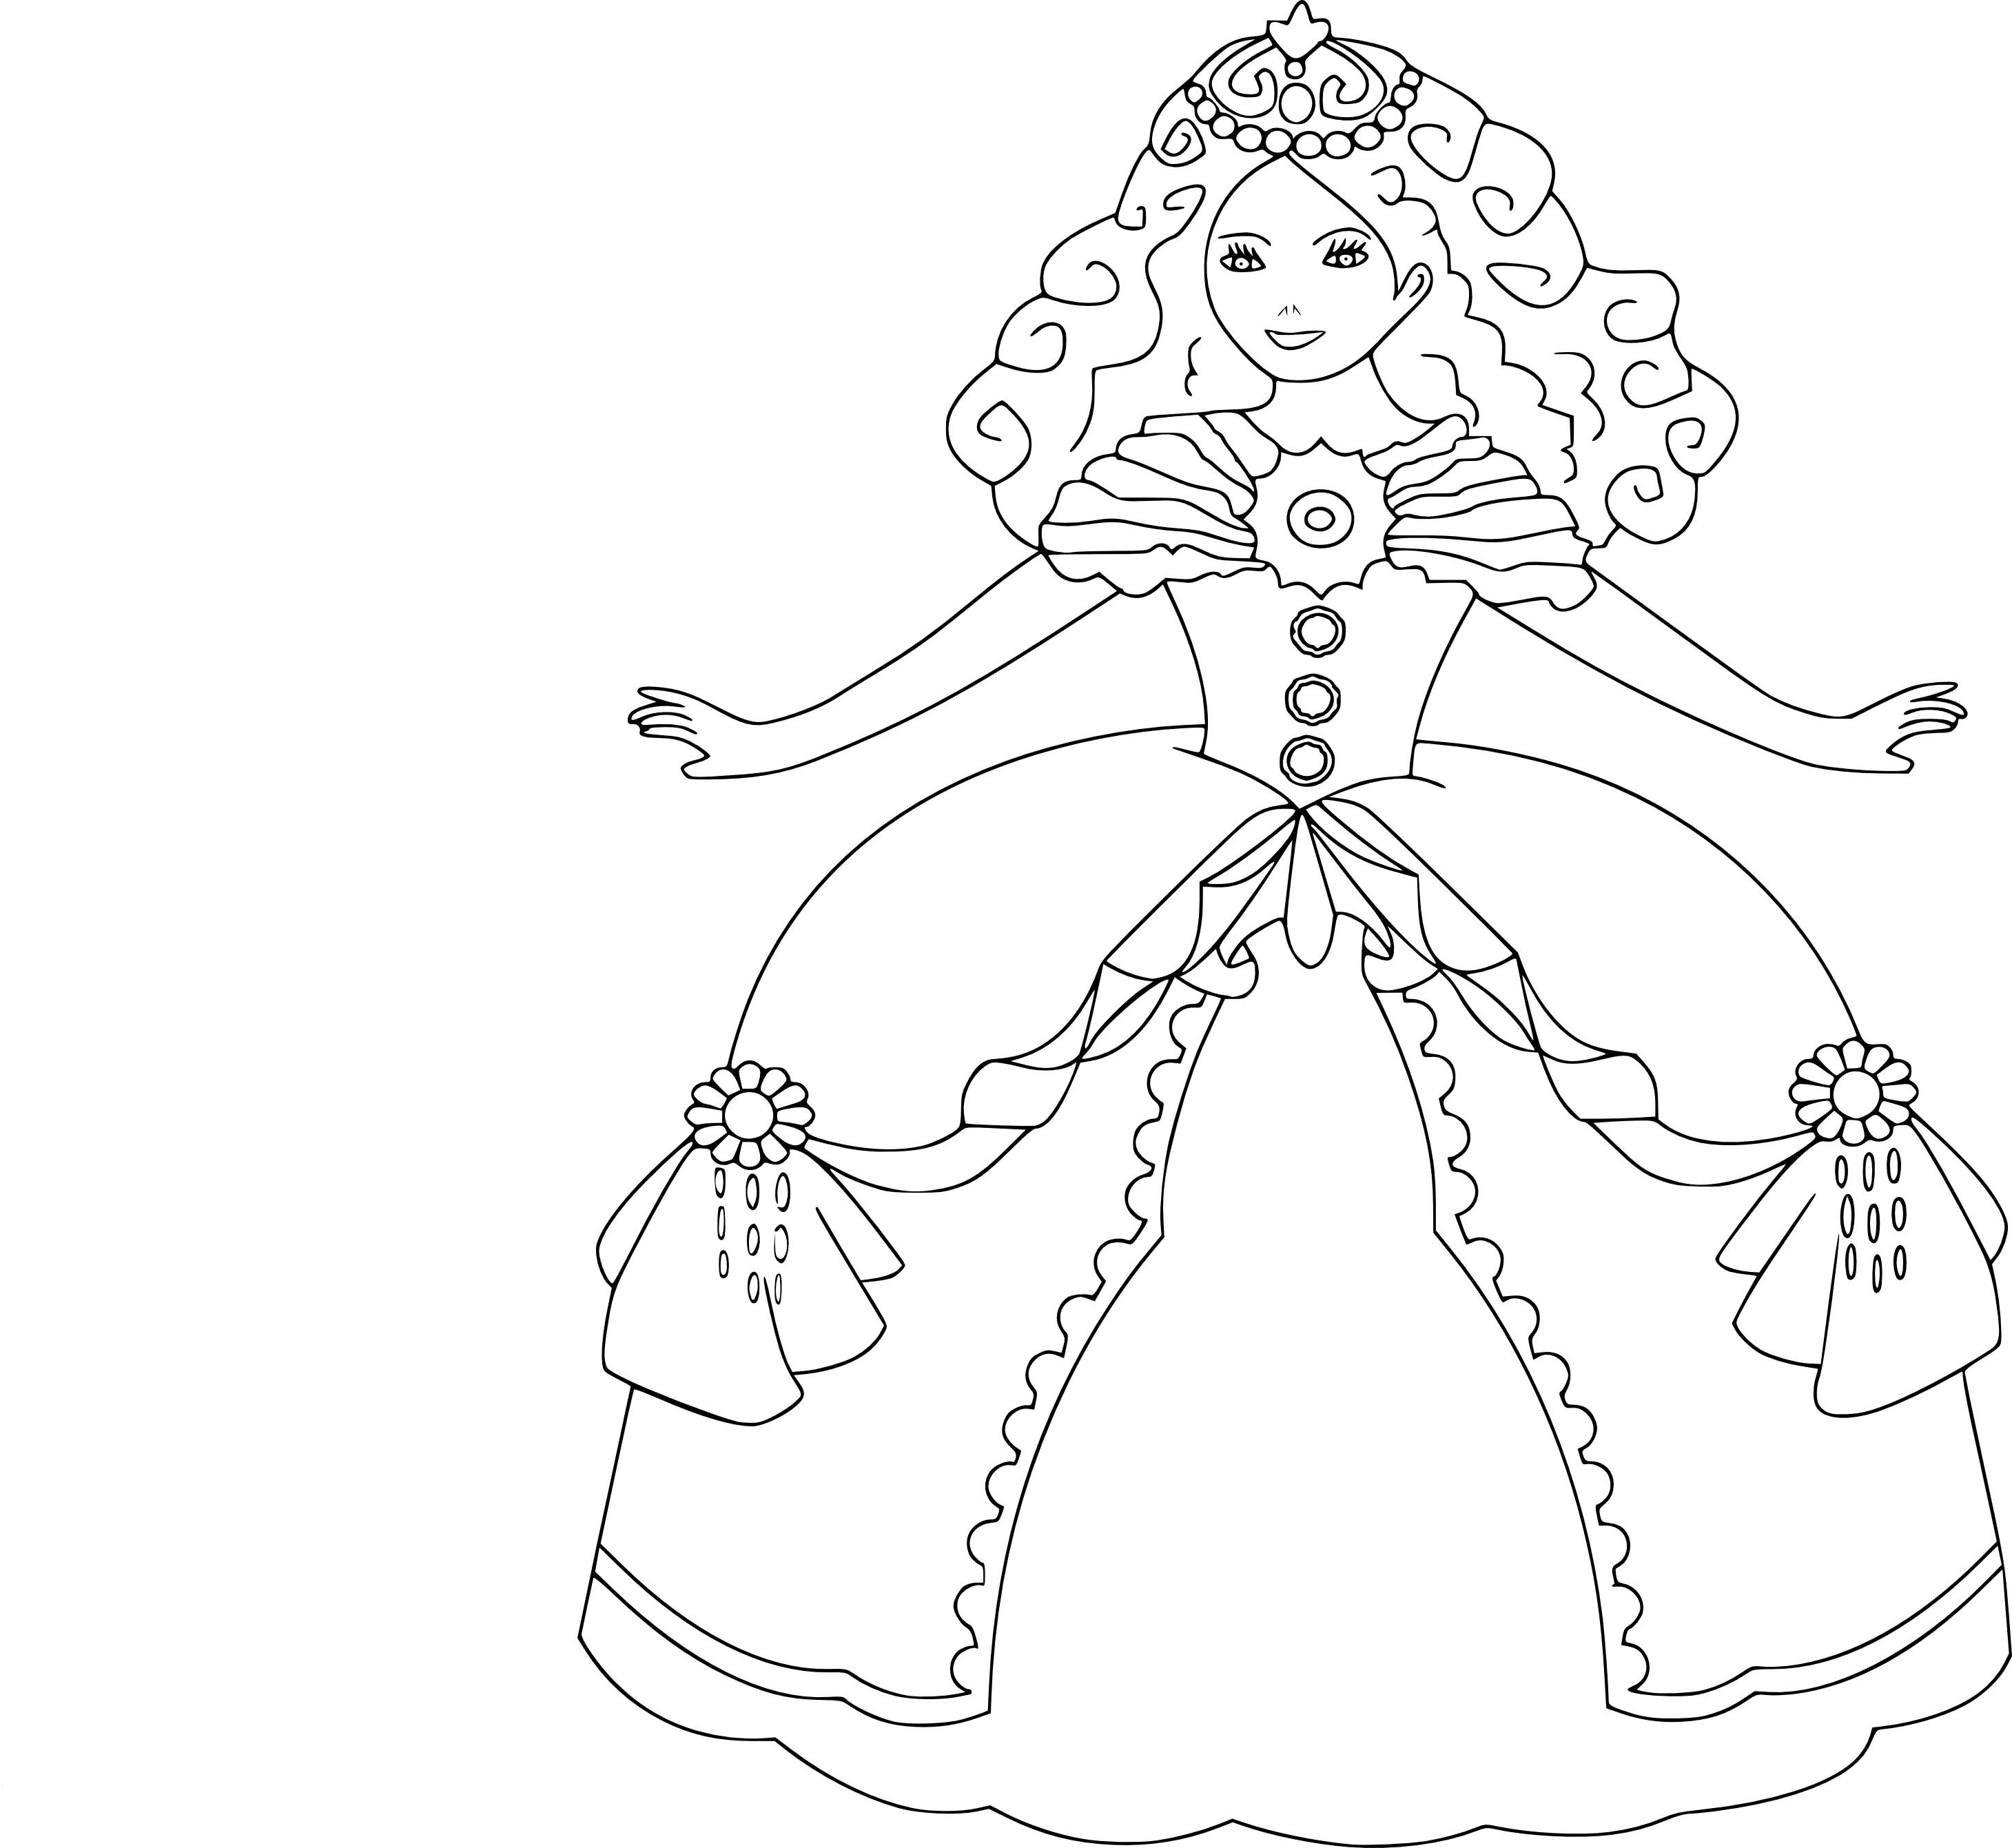 Coloriage princesse gratuit imprimer et colorier - Coloriage de petshop a imprimer gratuit ...